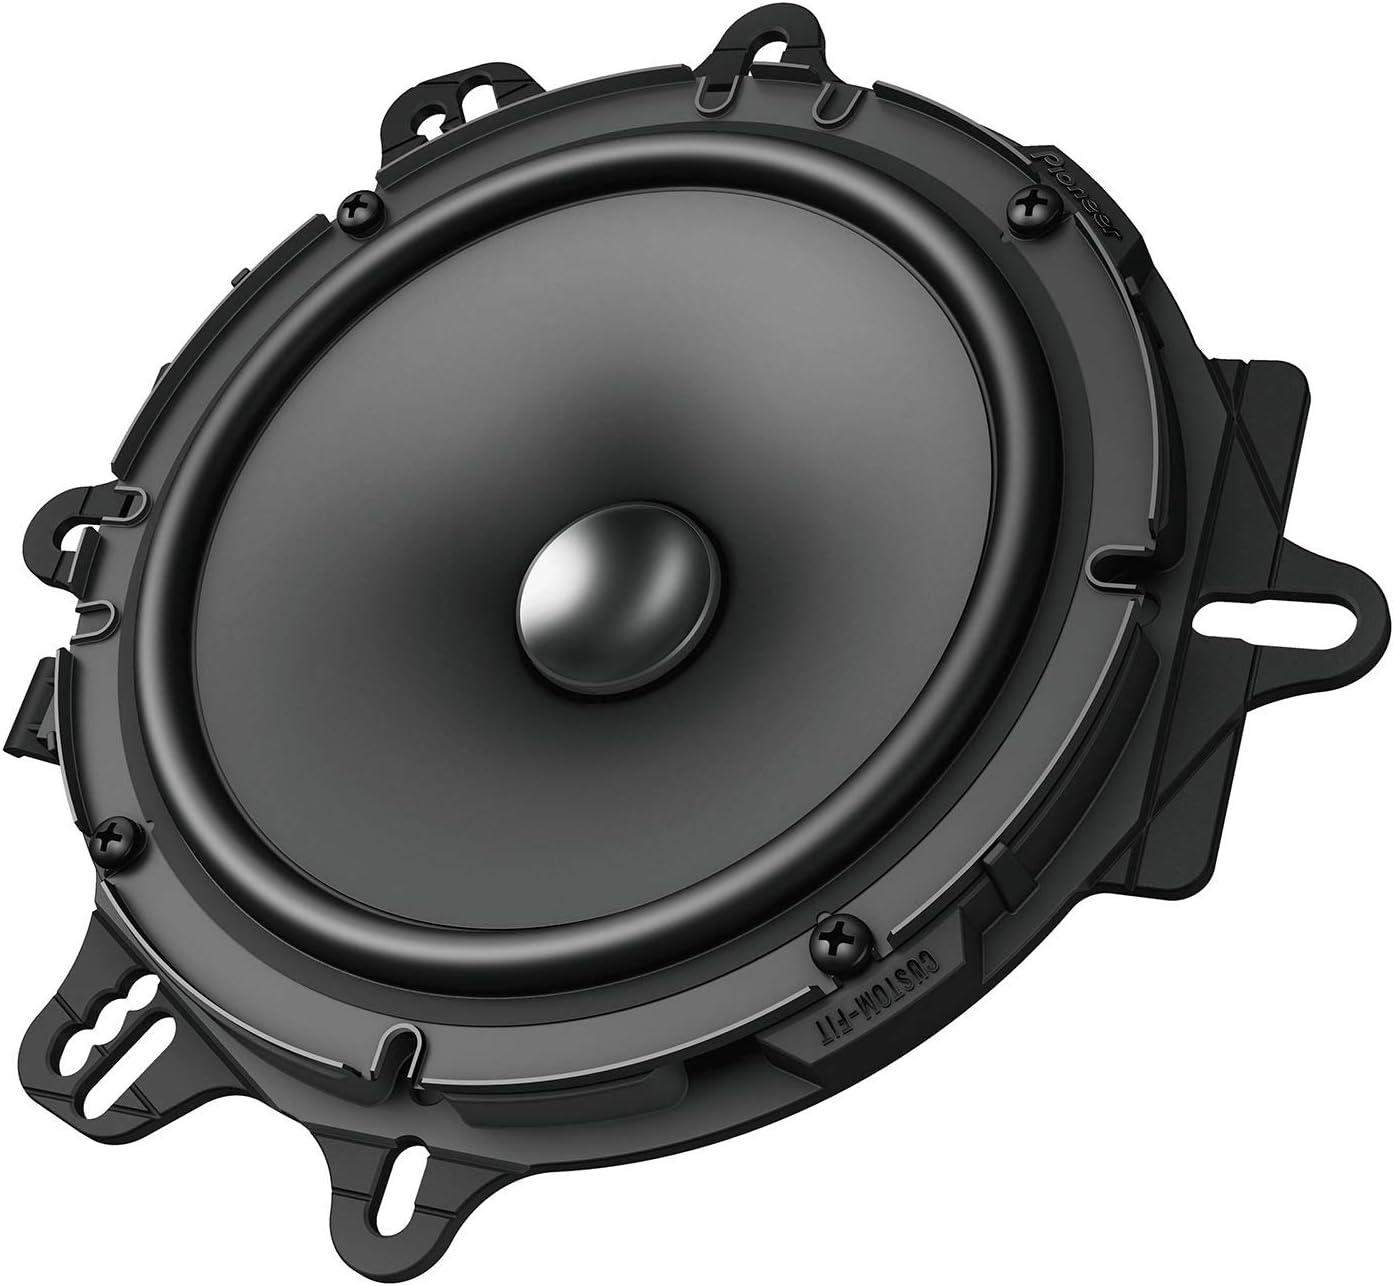 PIONEER TS-A1600C 80 W RMS//350 W MAX Altavoces de 2 v/ías para FIAT Ducato//Citroen Jumper//Peugeot Boxer